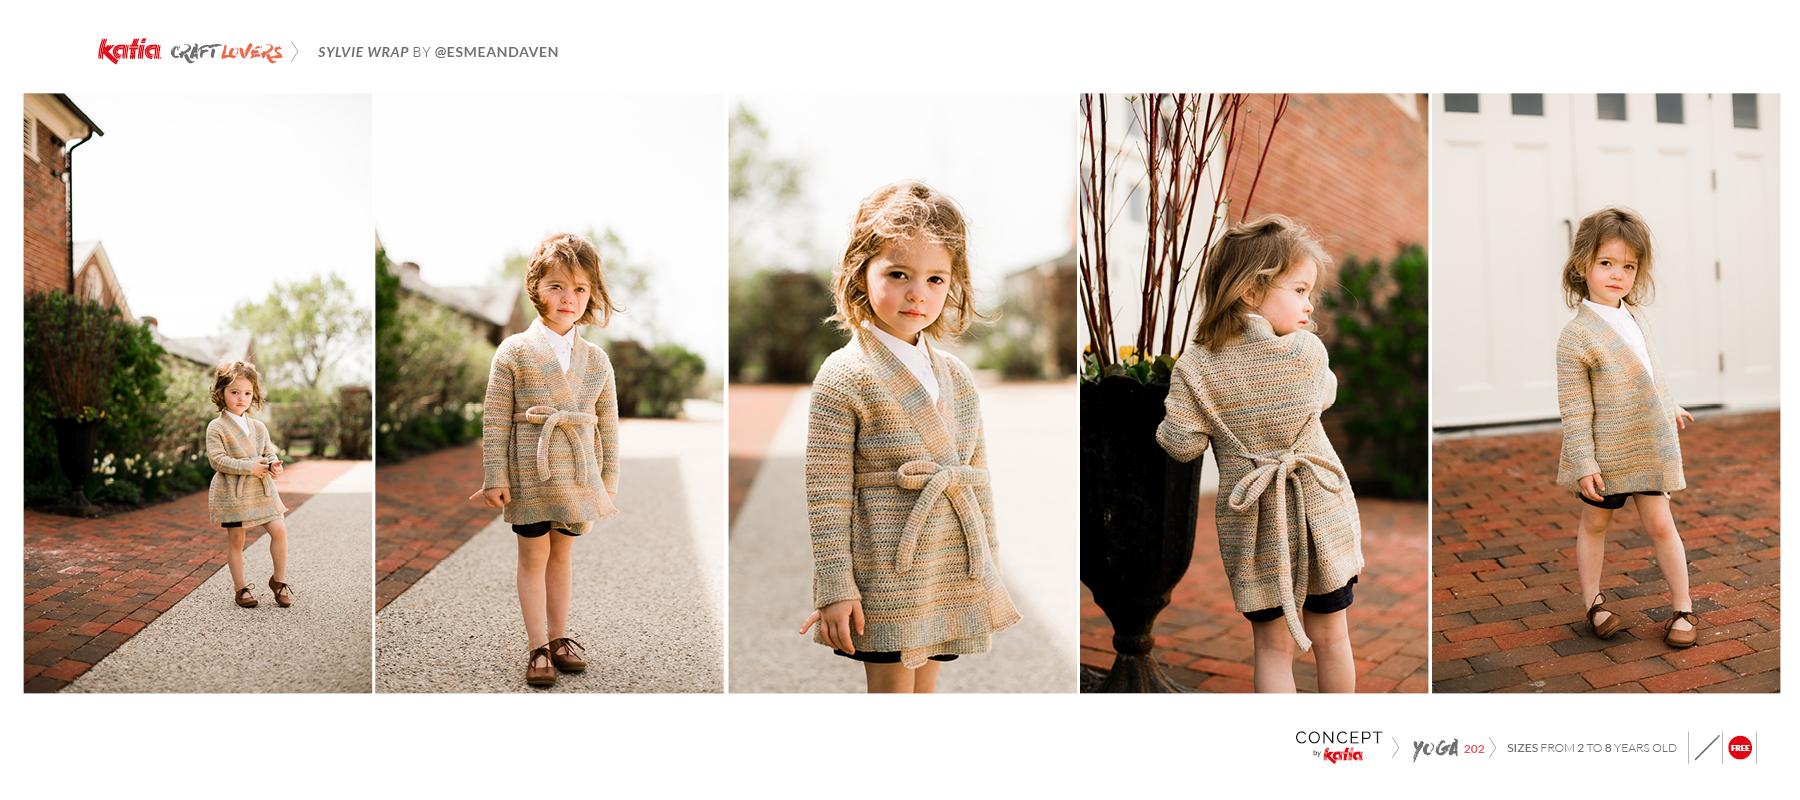 Sylvie Wrap van @esmeandaven - gratis haakpatroon voor een gehaakt kimonovestje voor kinderen met Katia Yoga